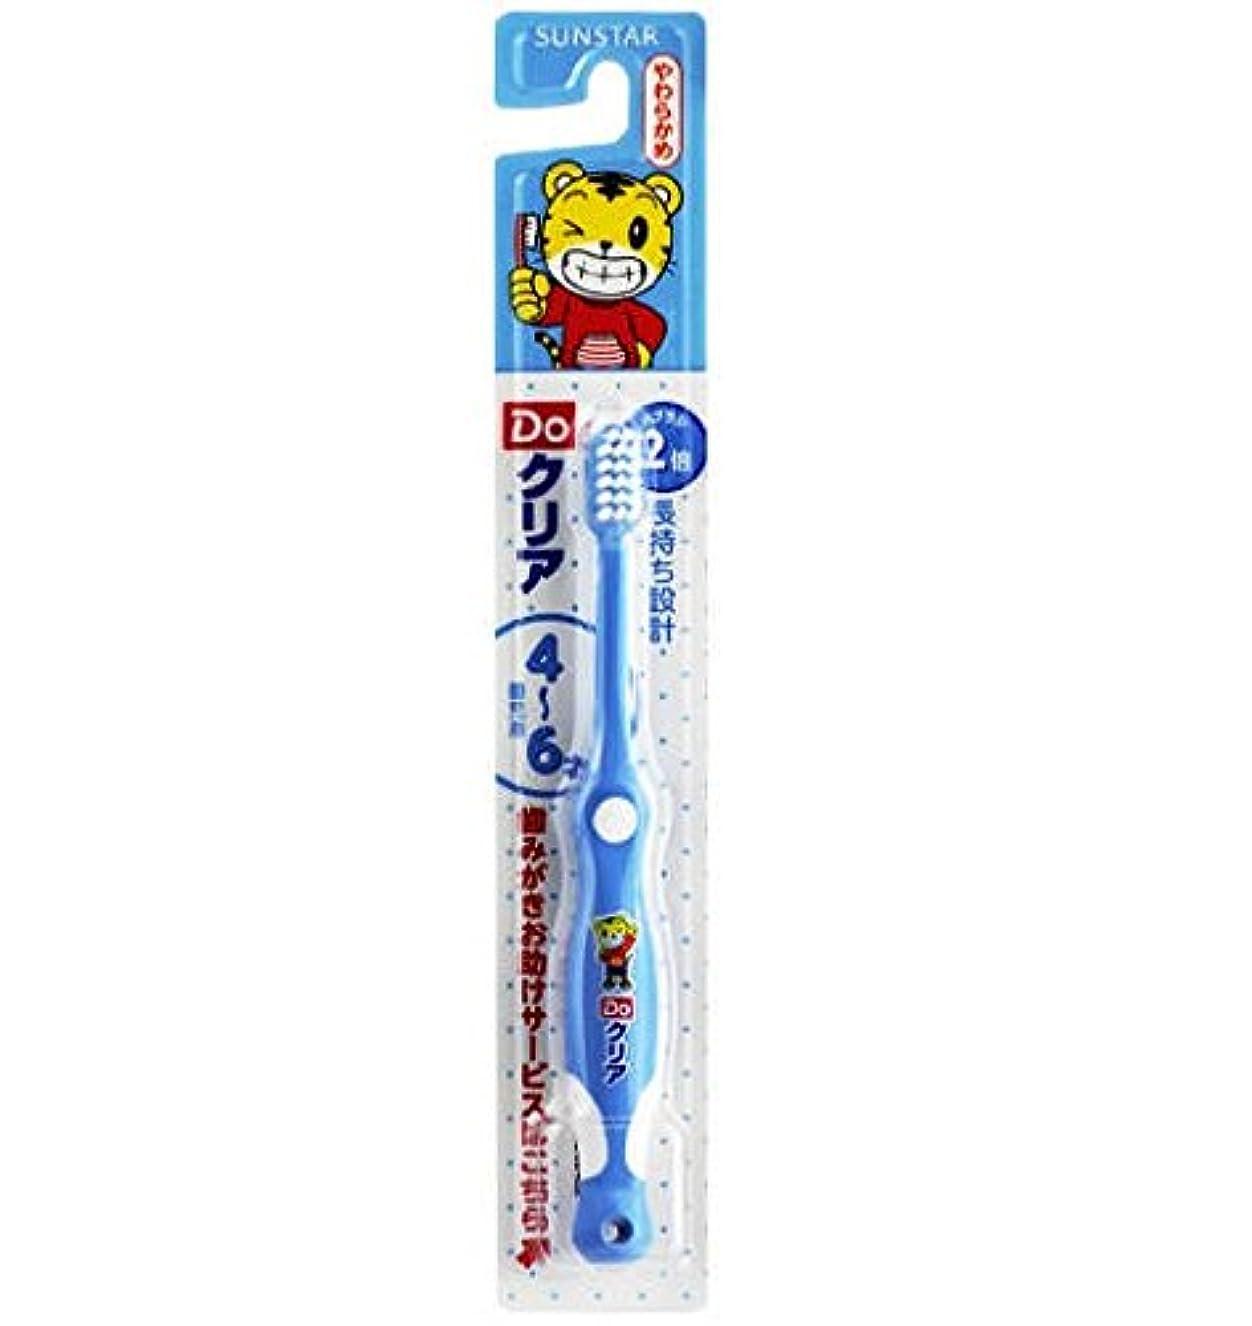 流用する悲惨な何故なのDoクリア こどもハブラシ 園児用 4-6才 やわらかめ:ブルー